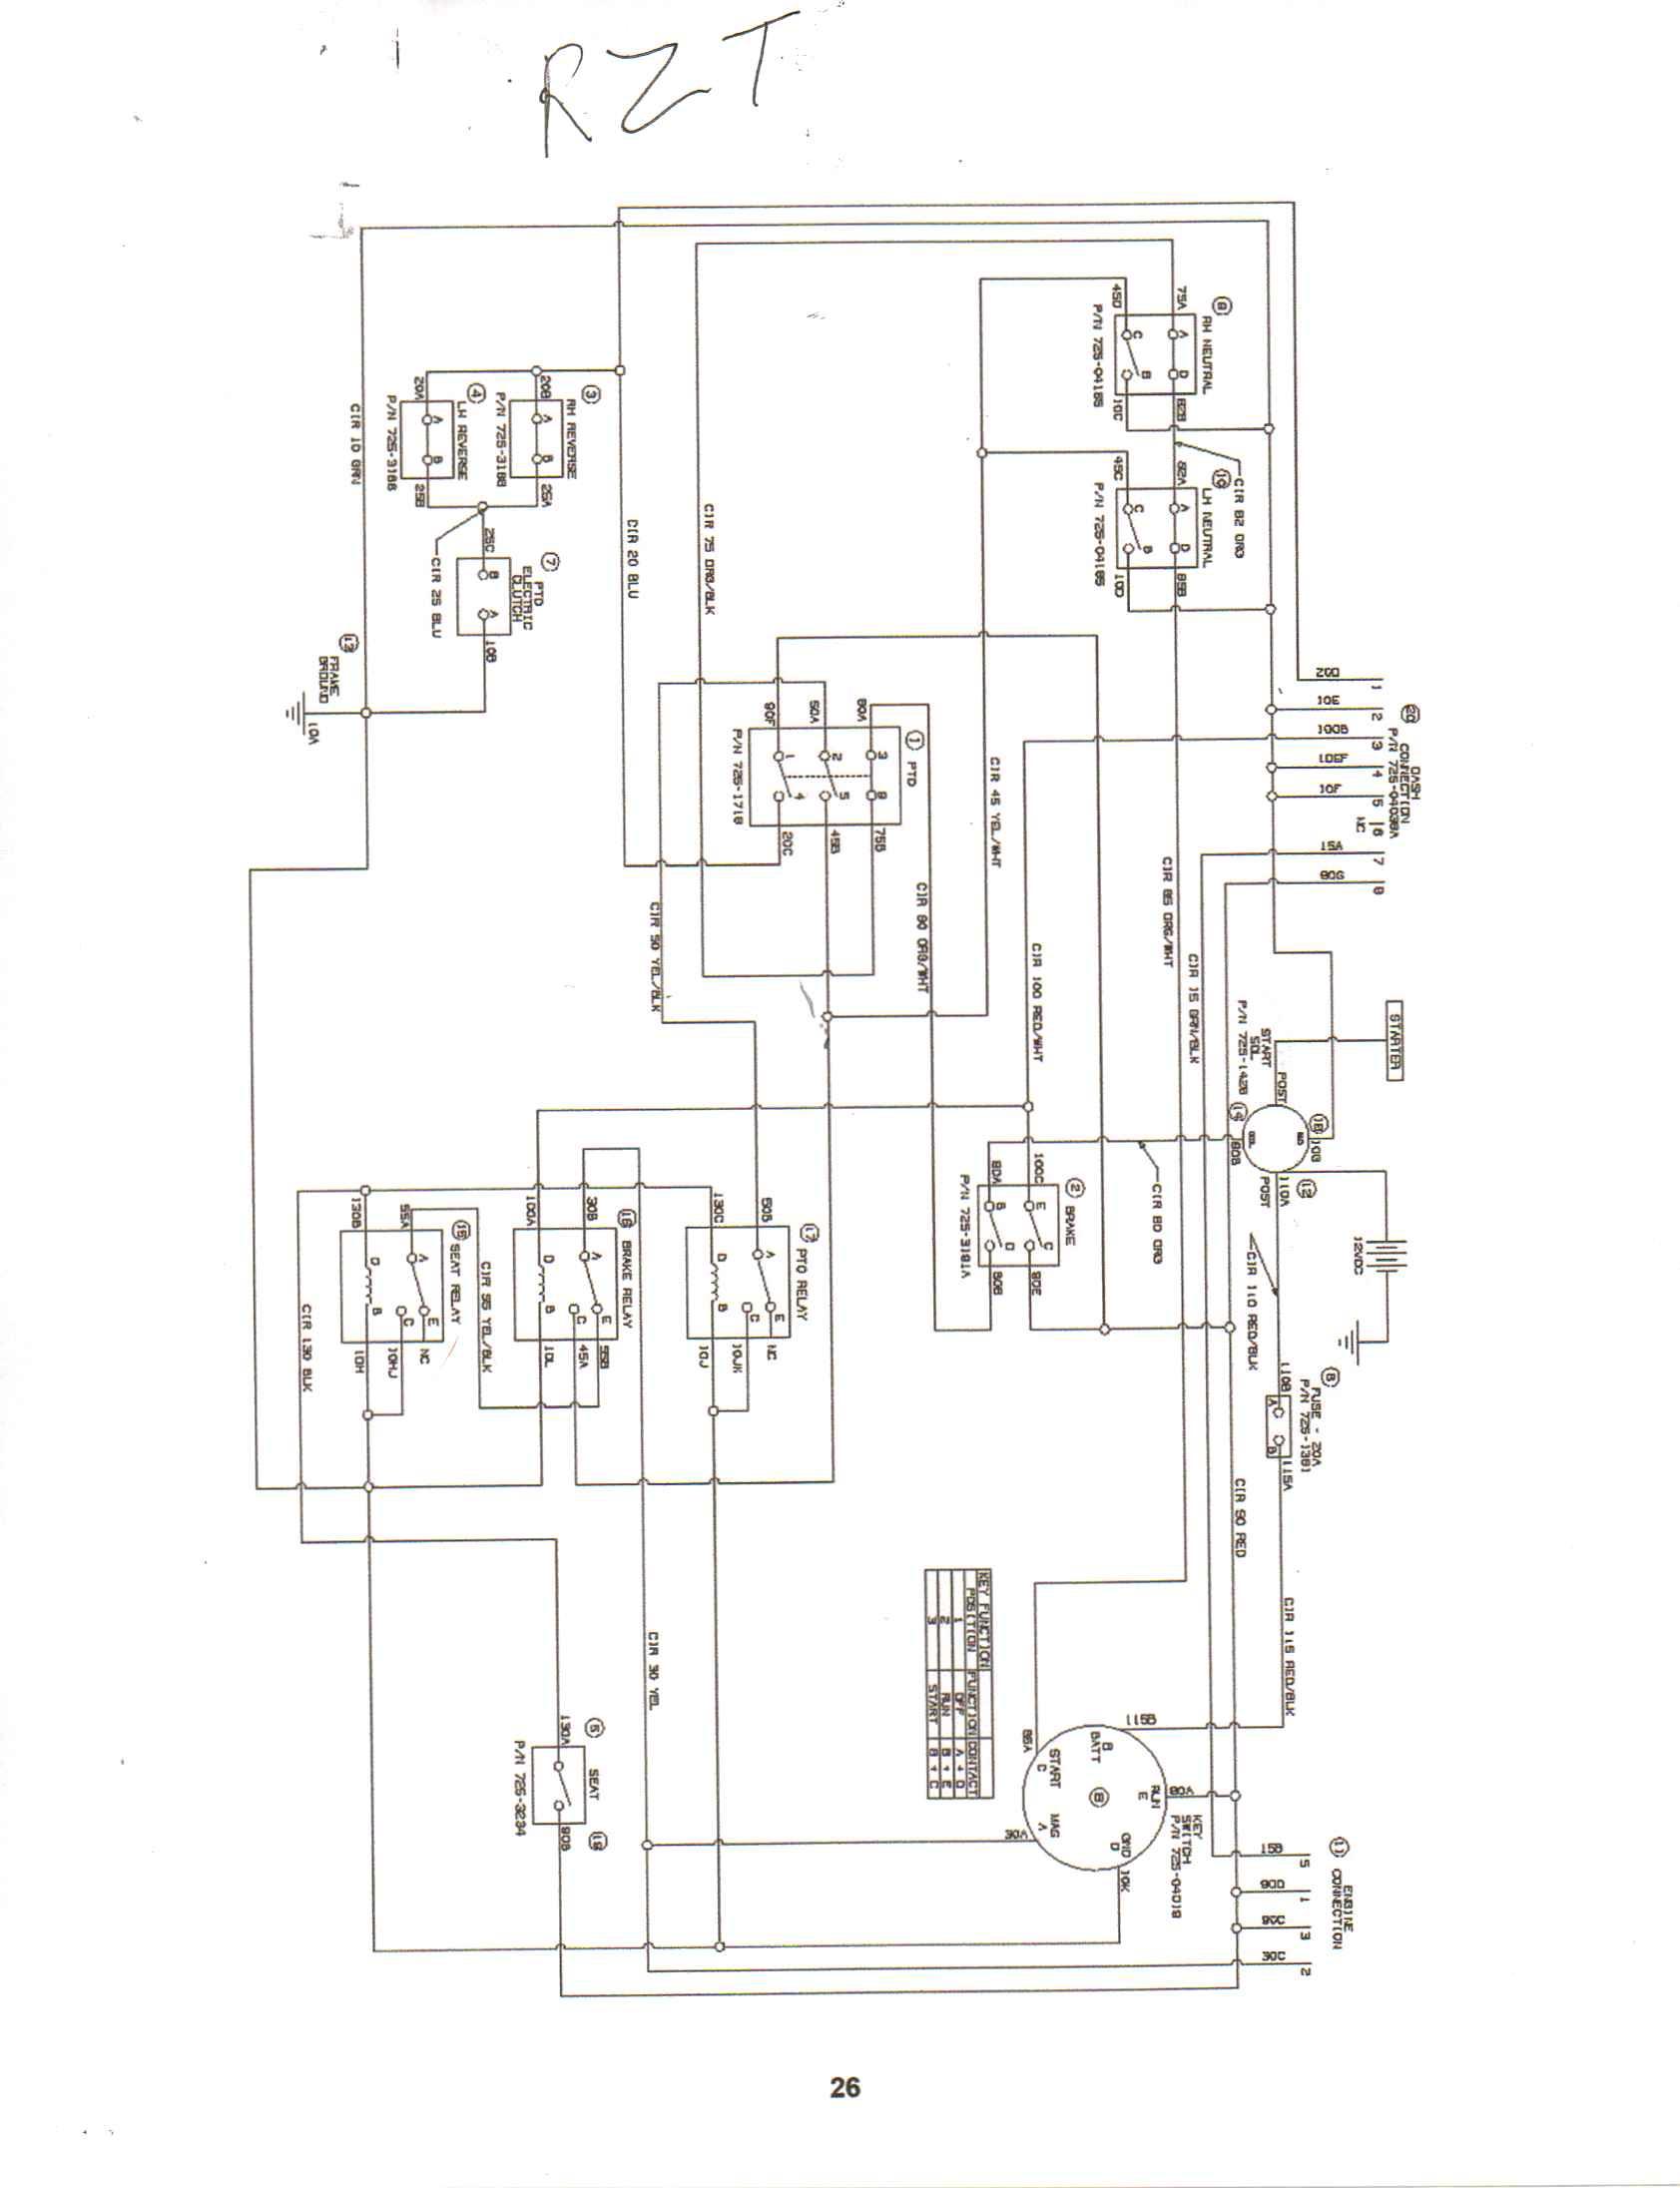 cub cadet 1440 wiring diagrams model